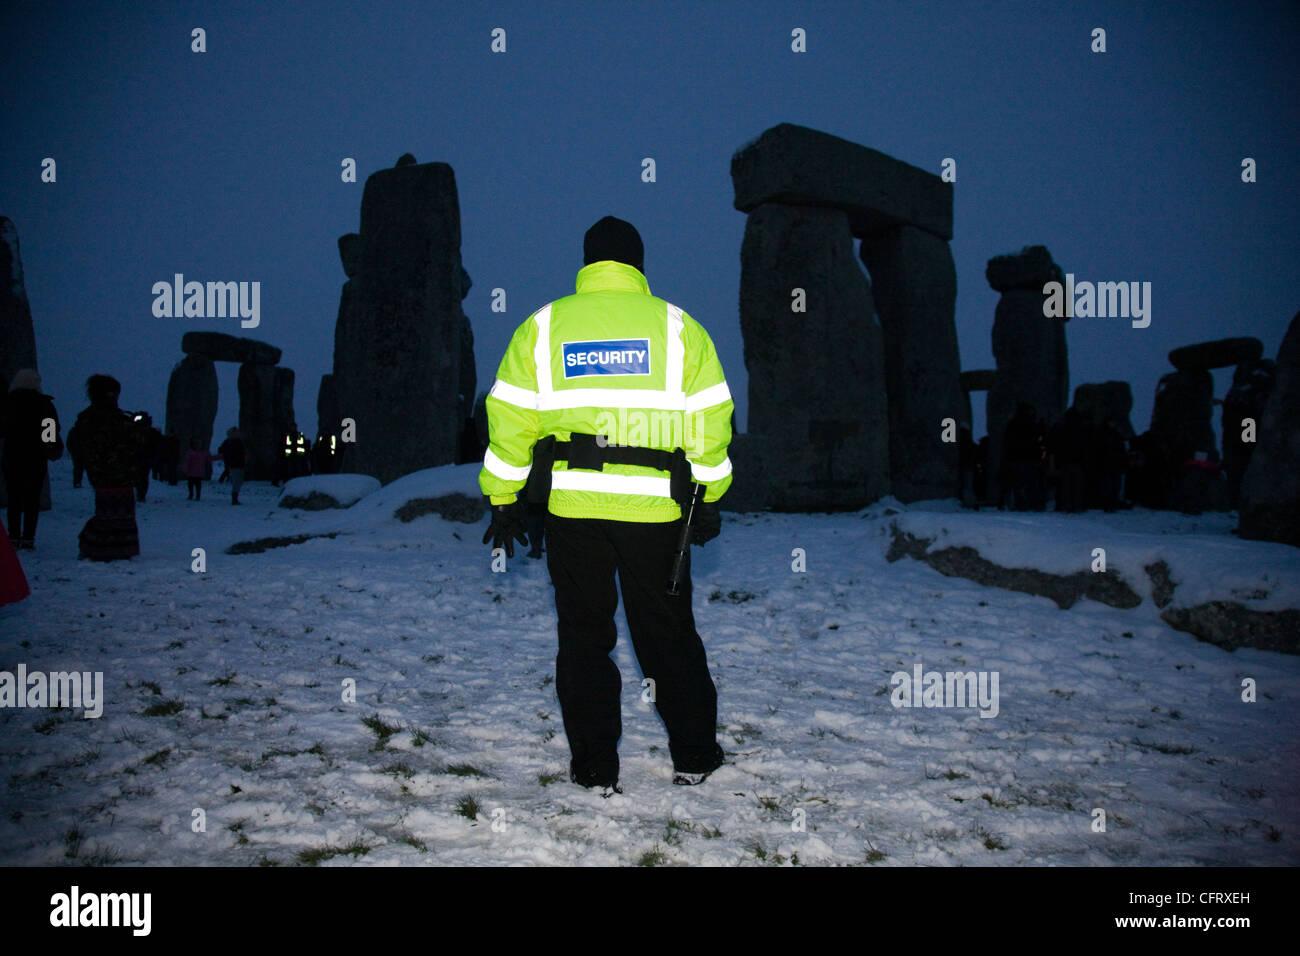 Hombre de seguridad custodiando Stonehenge, durante el solsticio de invierno Imagen De Stock